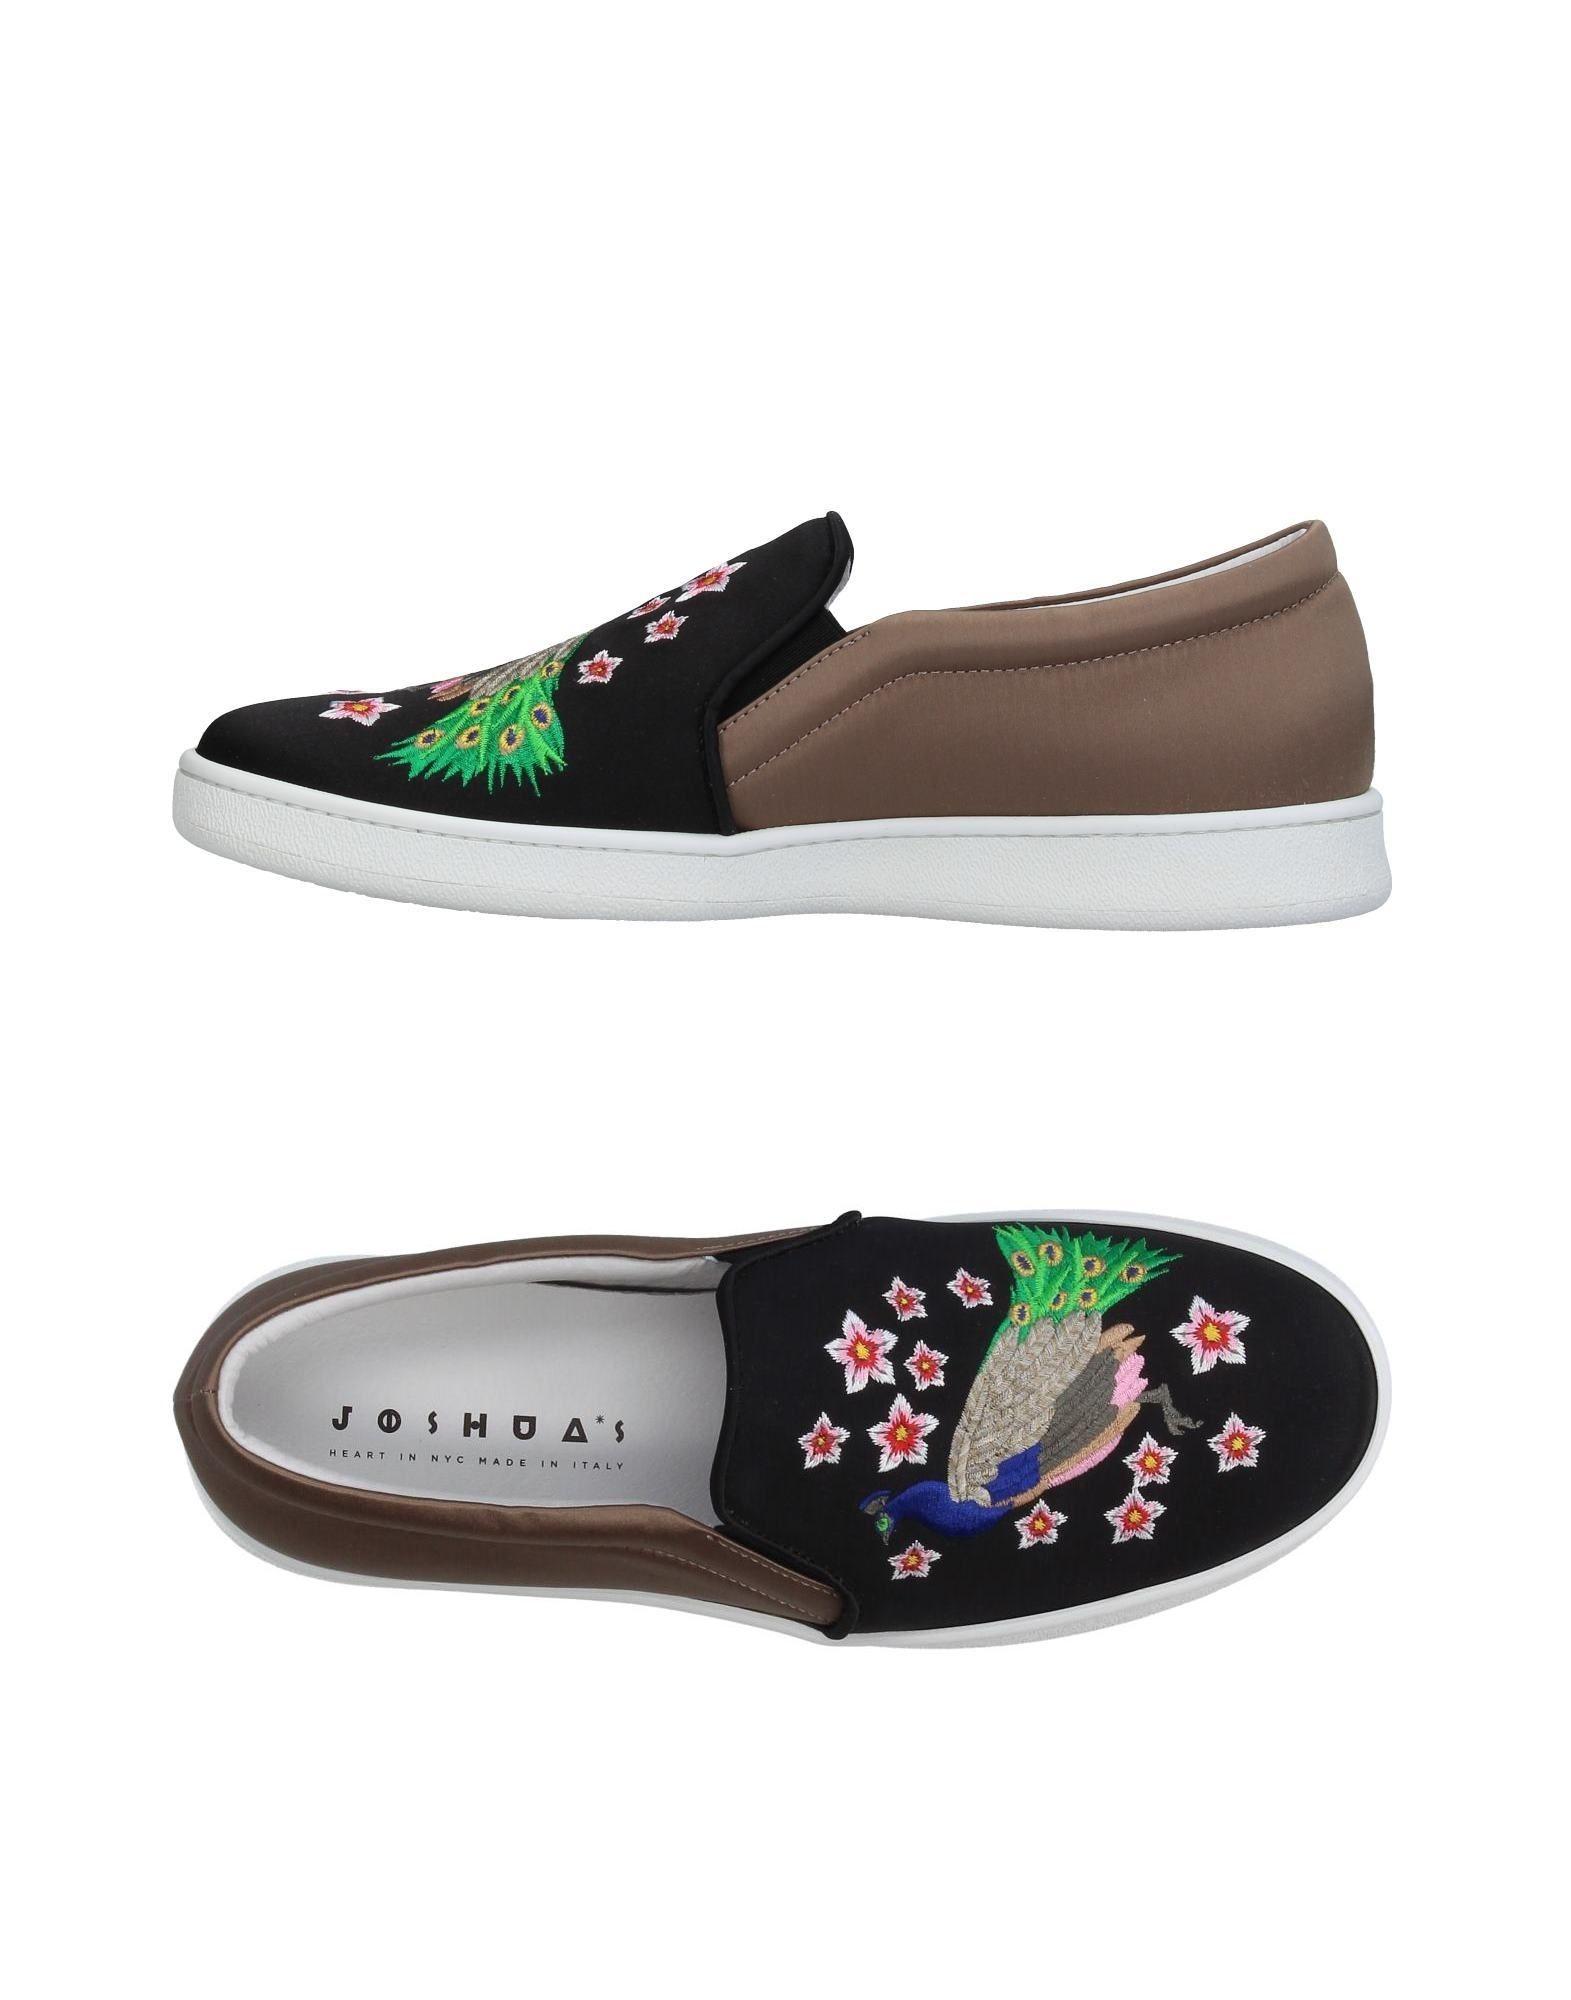 Joshua*S Sneakers Herren  11391003PC Heiße Schuhe